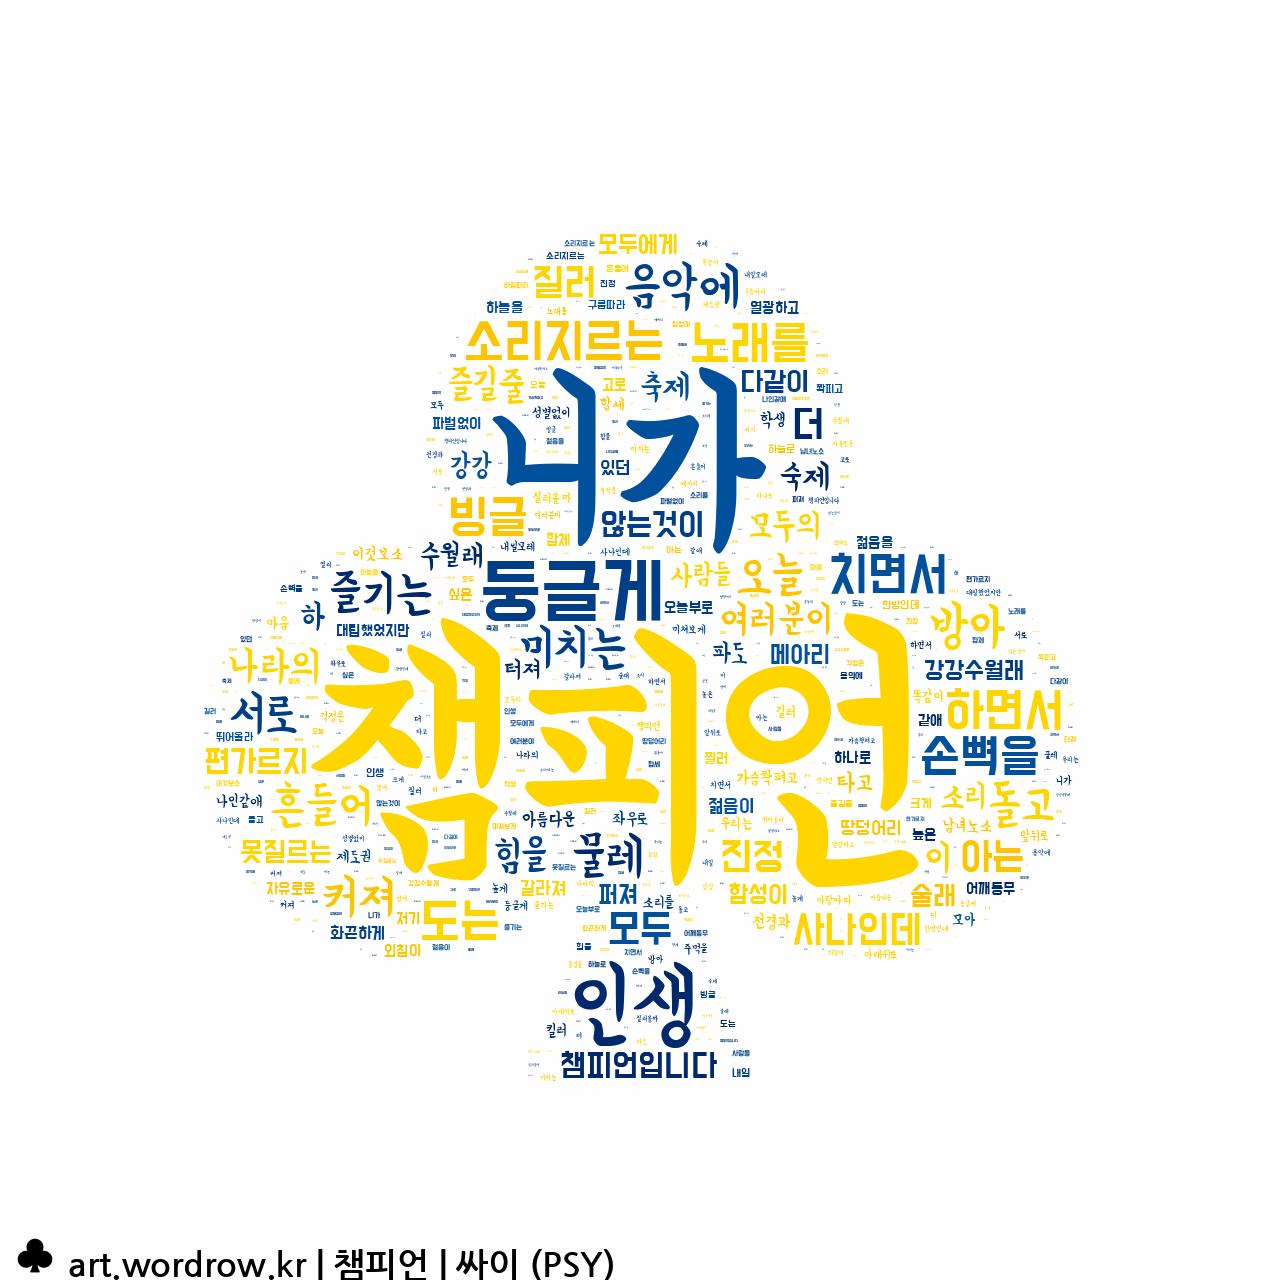 워드 클라우드: 챔피언 [싸이 (PSY)]-76